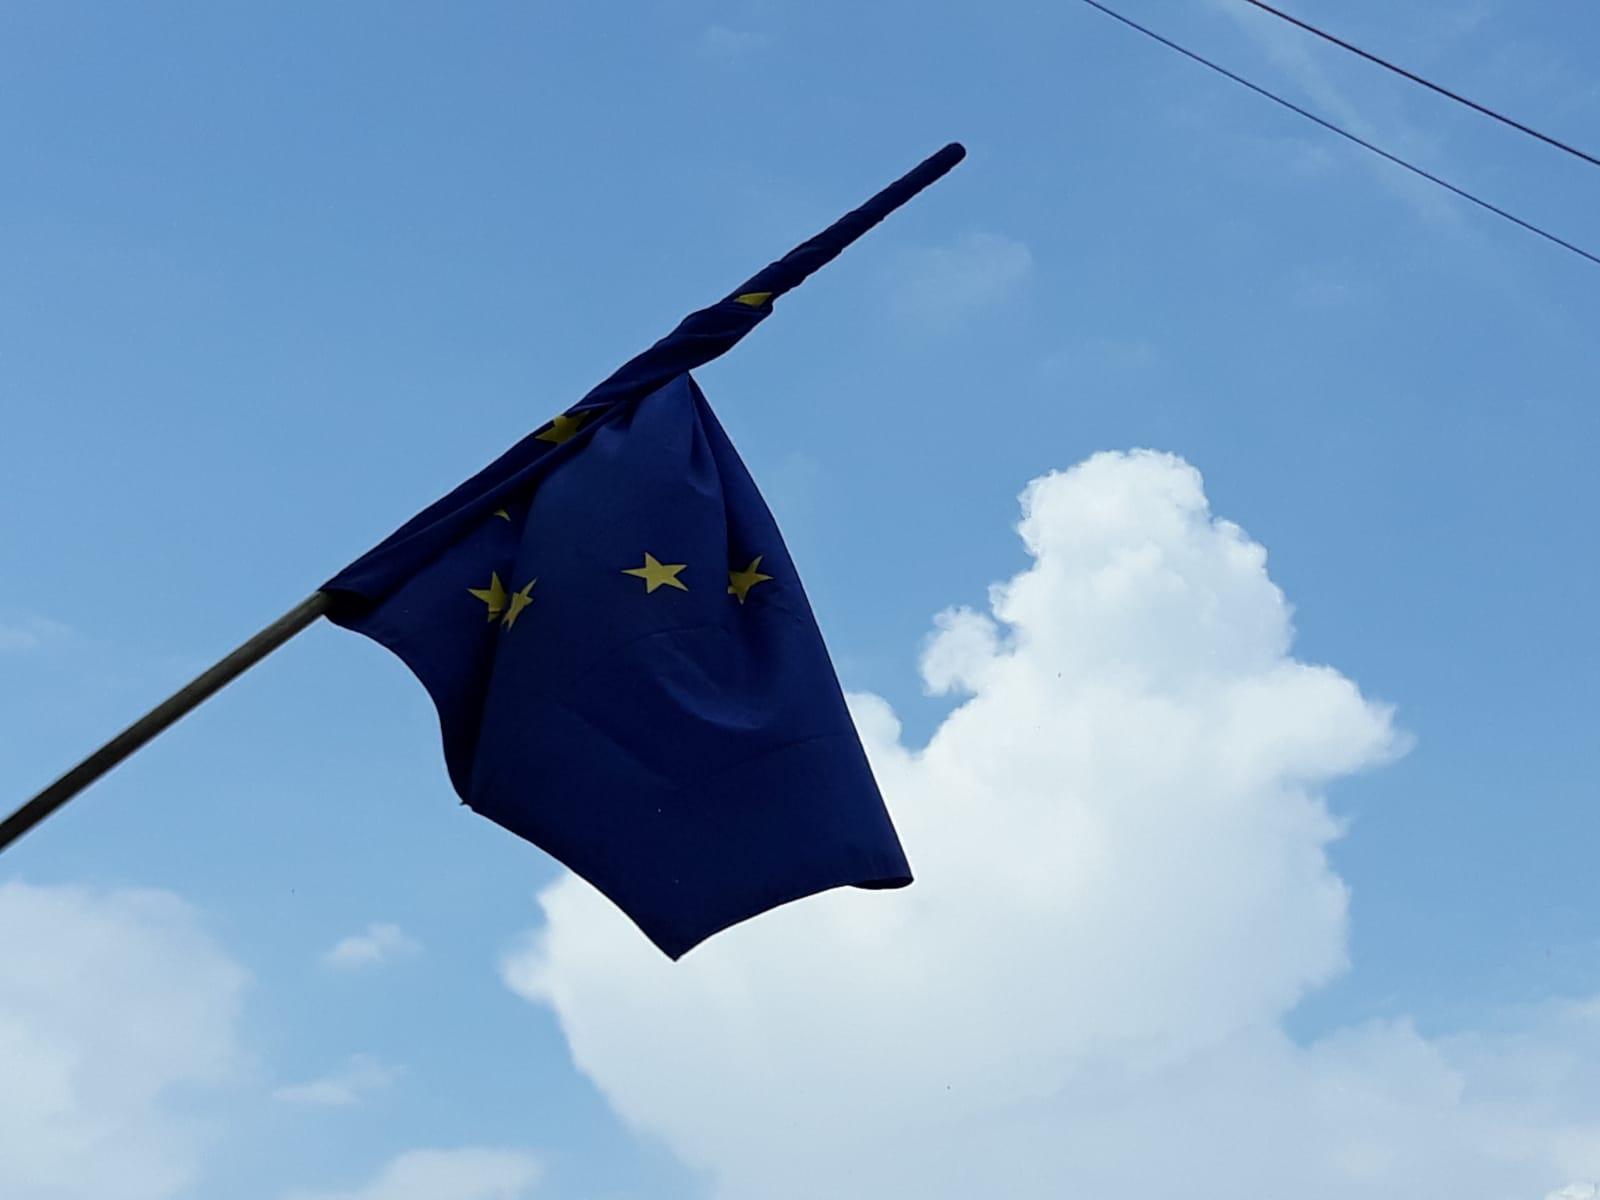 Mától hat hónapig Németország tölti be az EU soros elnökségét